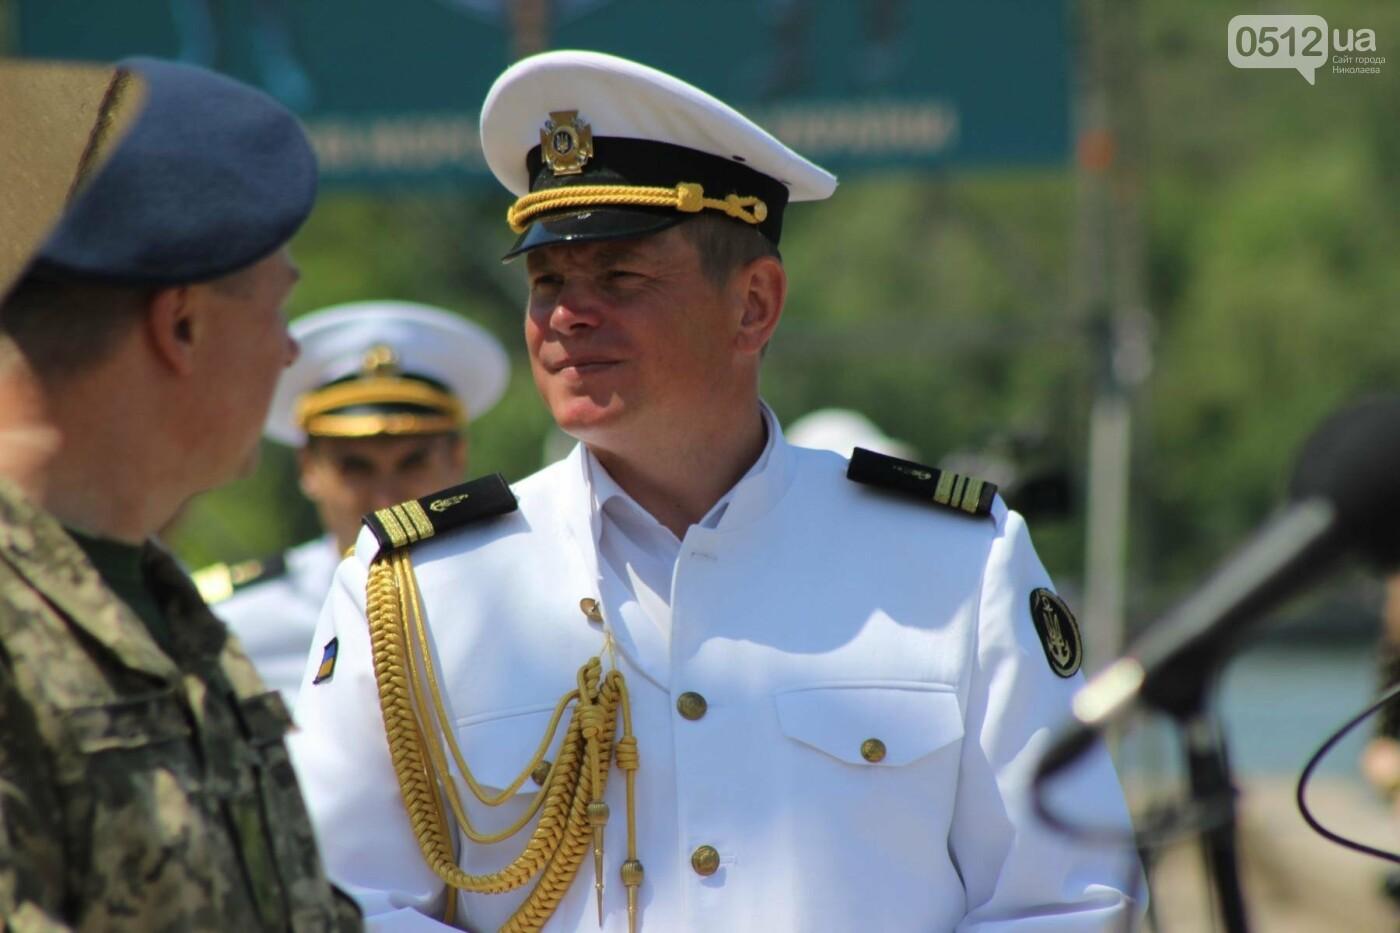 рубленой фото парадная форма одежды офицеров морской пехоты канатные дороги пользуются